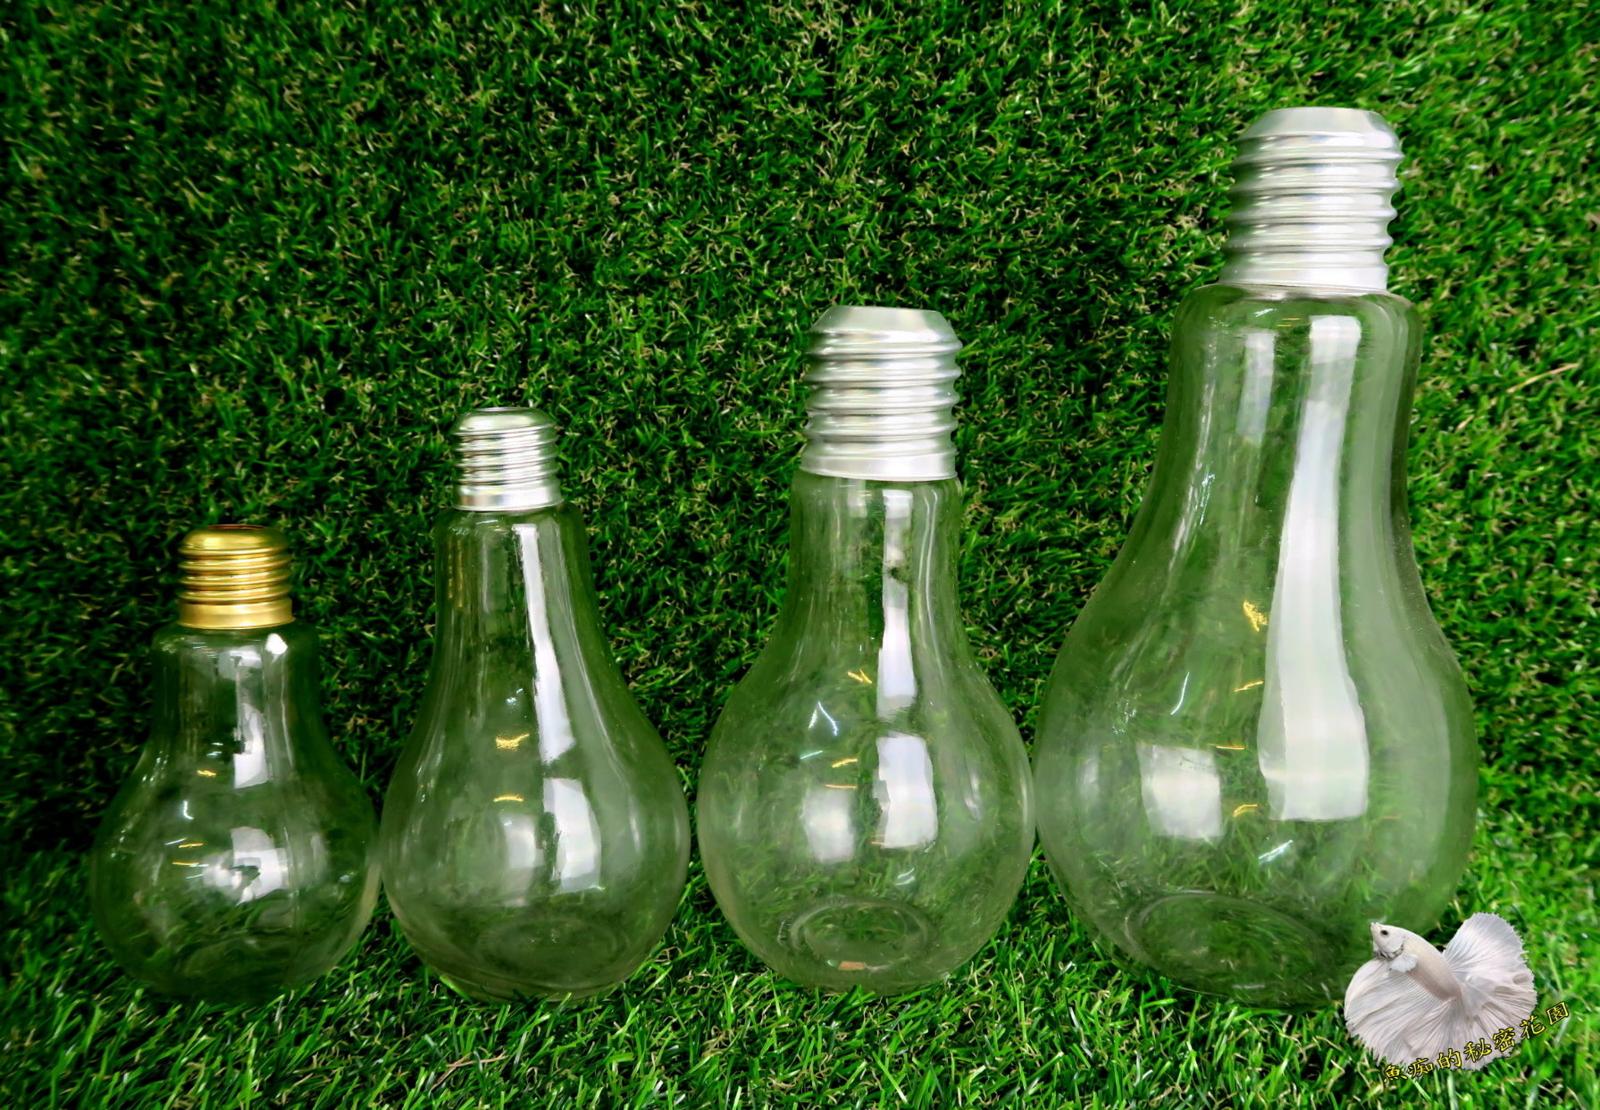 小珍奶玻璃燈泡瓶.燈泡珍奶玻璃瓶人造花.插花配件.居家.店面.櫥窗.玄關擺飾.園藝資材用品